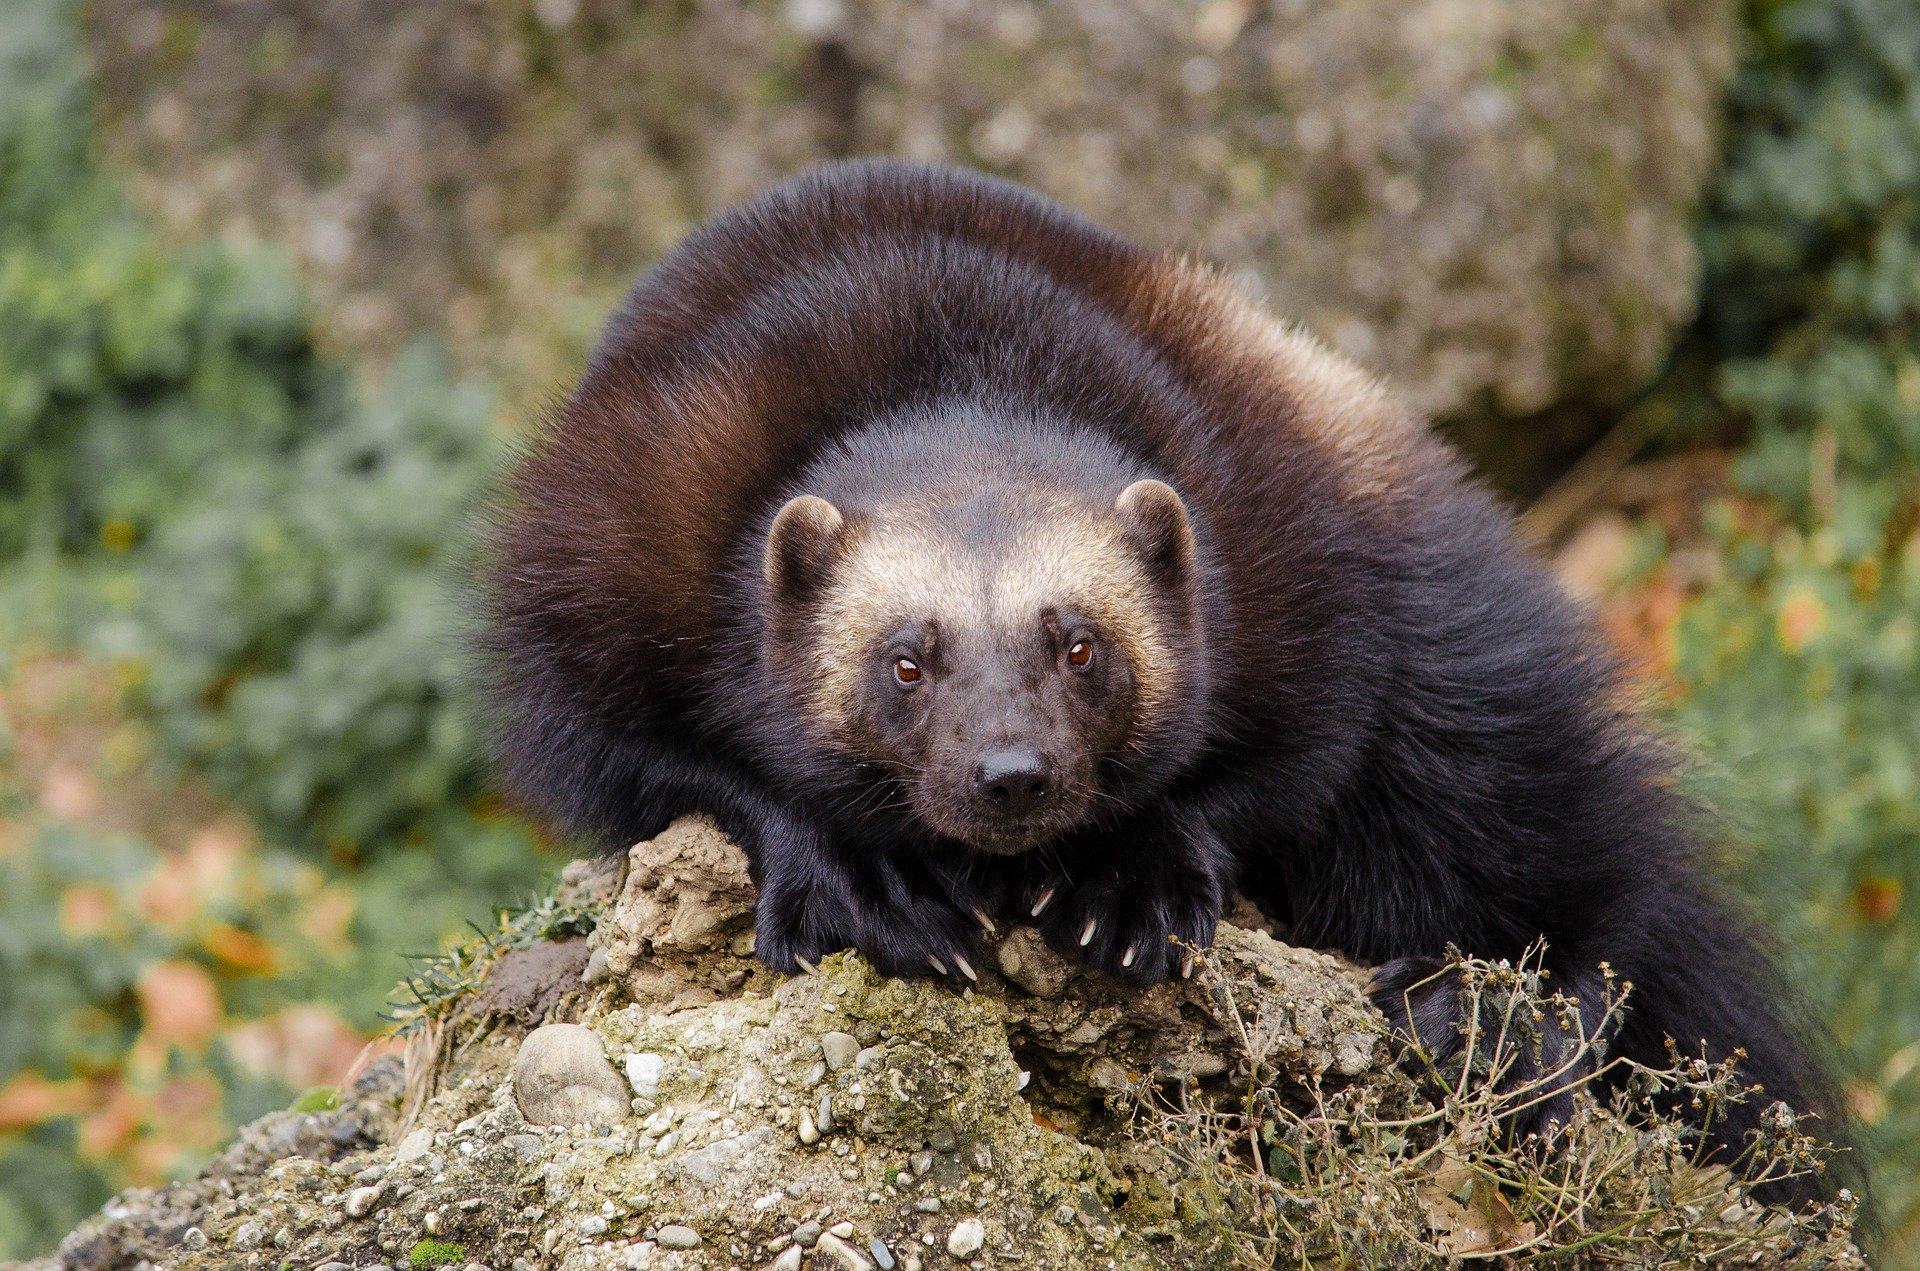 Vielfraß (Bärenmarder) - wolverine